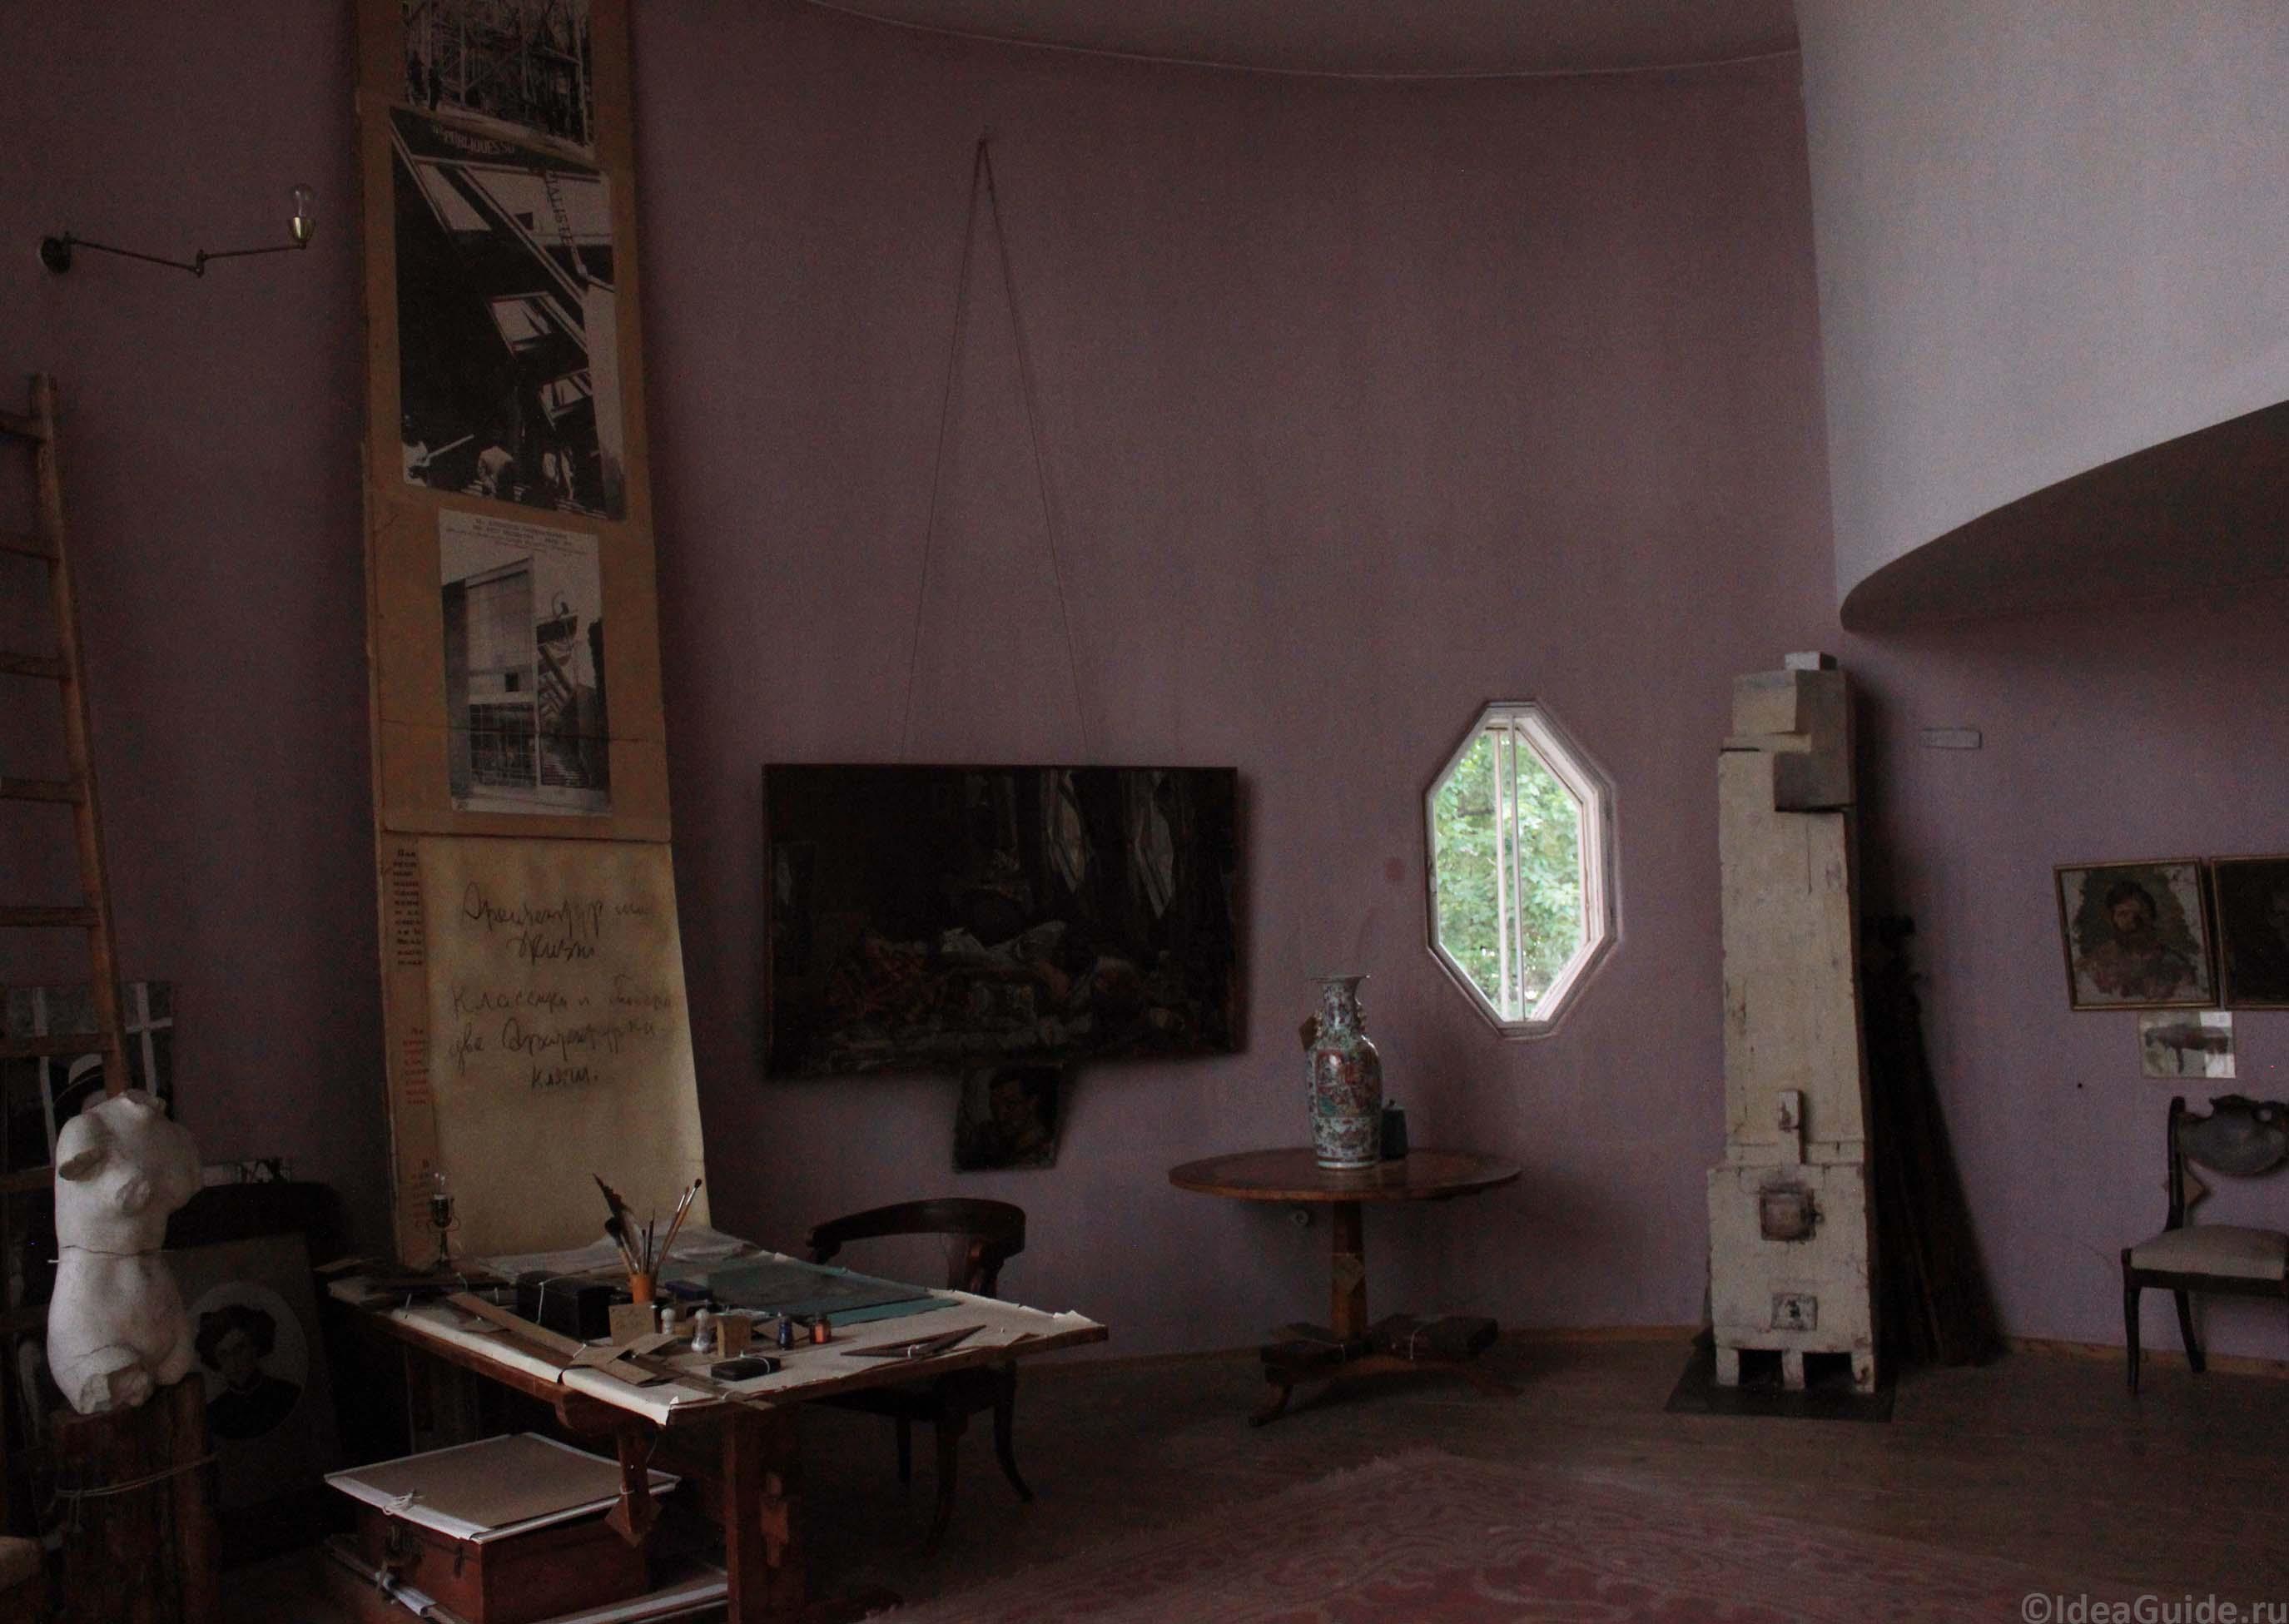 La maison atelier de constantin melnikov sur l 39 arbat la for Atelier de la maison